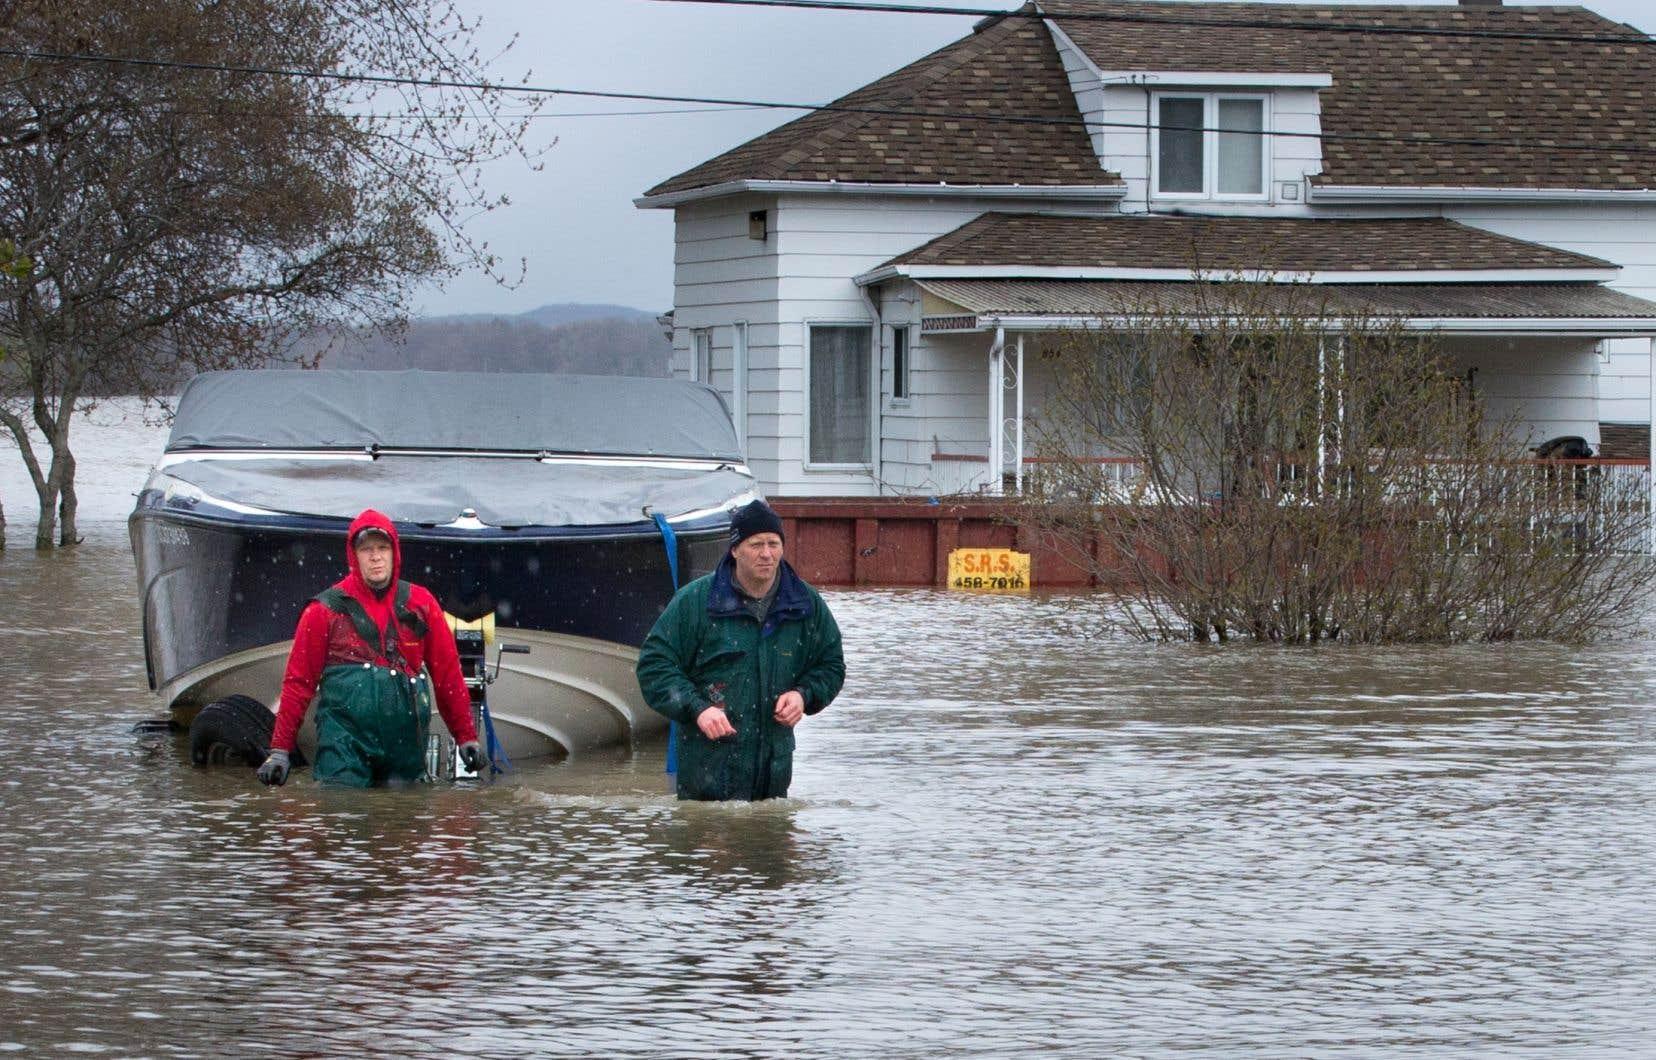 Les inondations du printemps 2017 ont touché des citoyens de 291 municipalités. Québec a reçu 6090 réclamations.